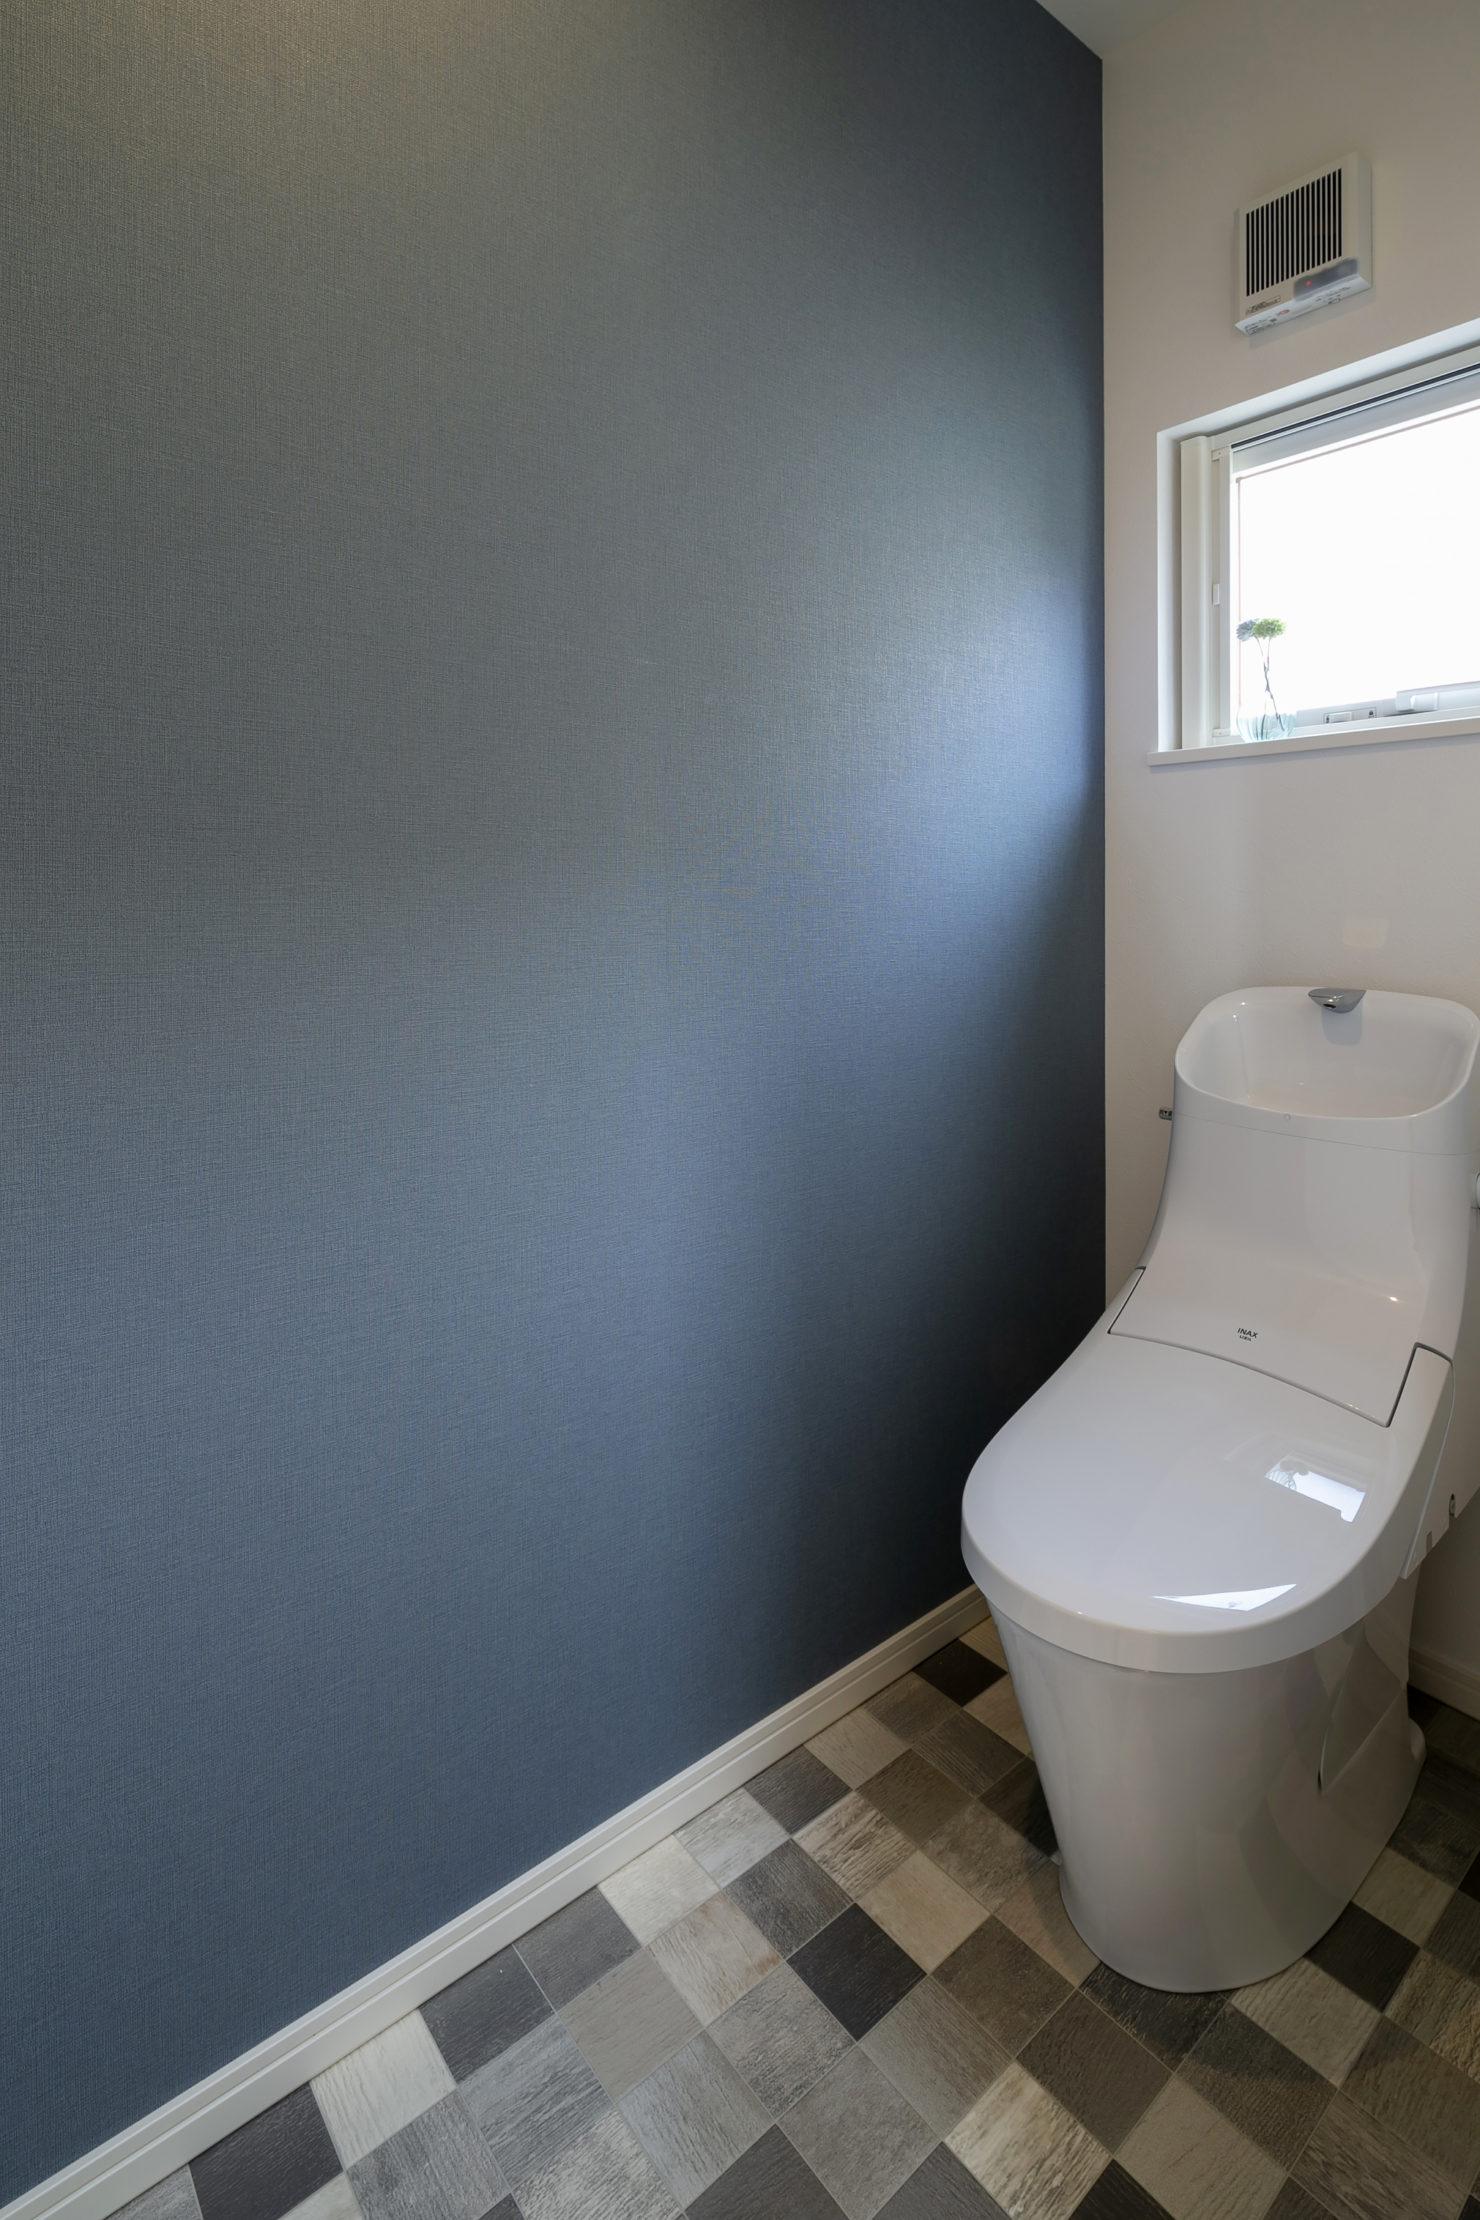 ハウスM21 盛岡市黒石野建売住宅 トイレ写真